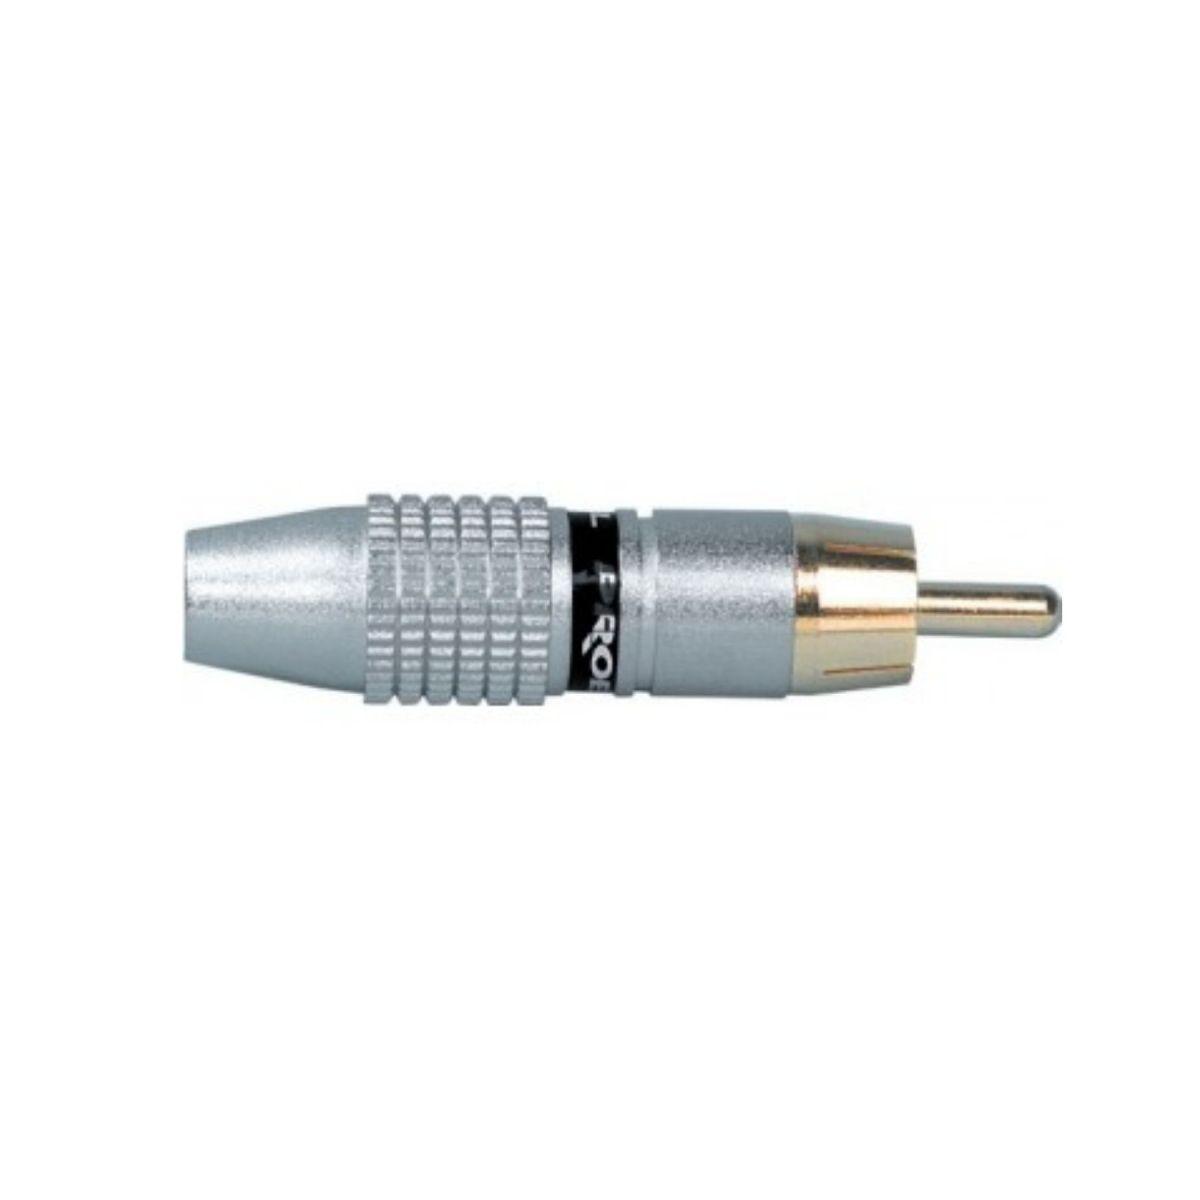 RCA maschio oro argento anello nero Proel MRCA35BK